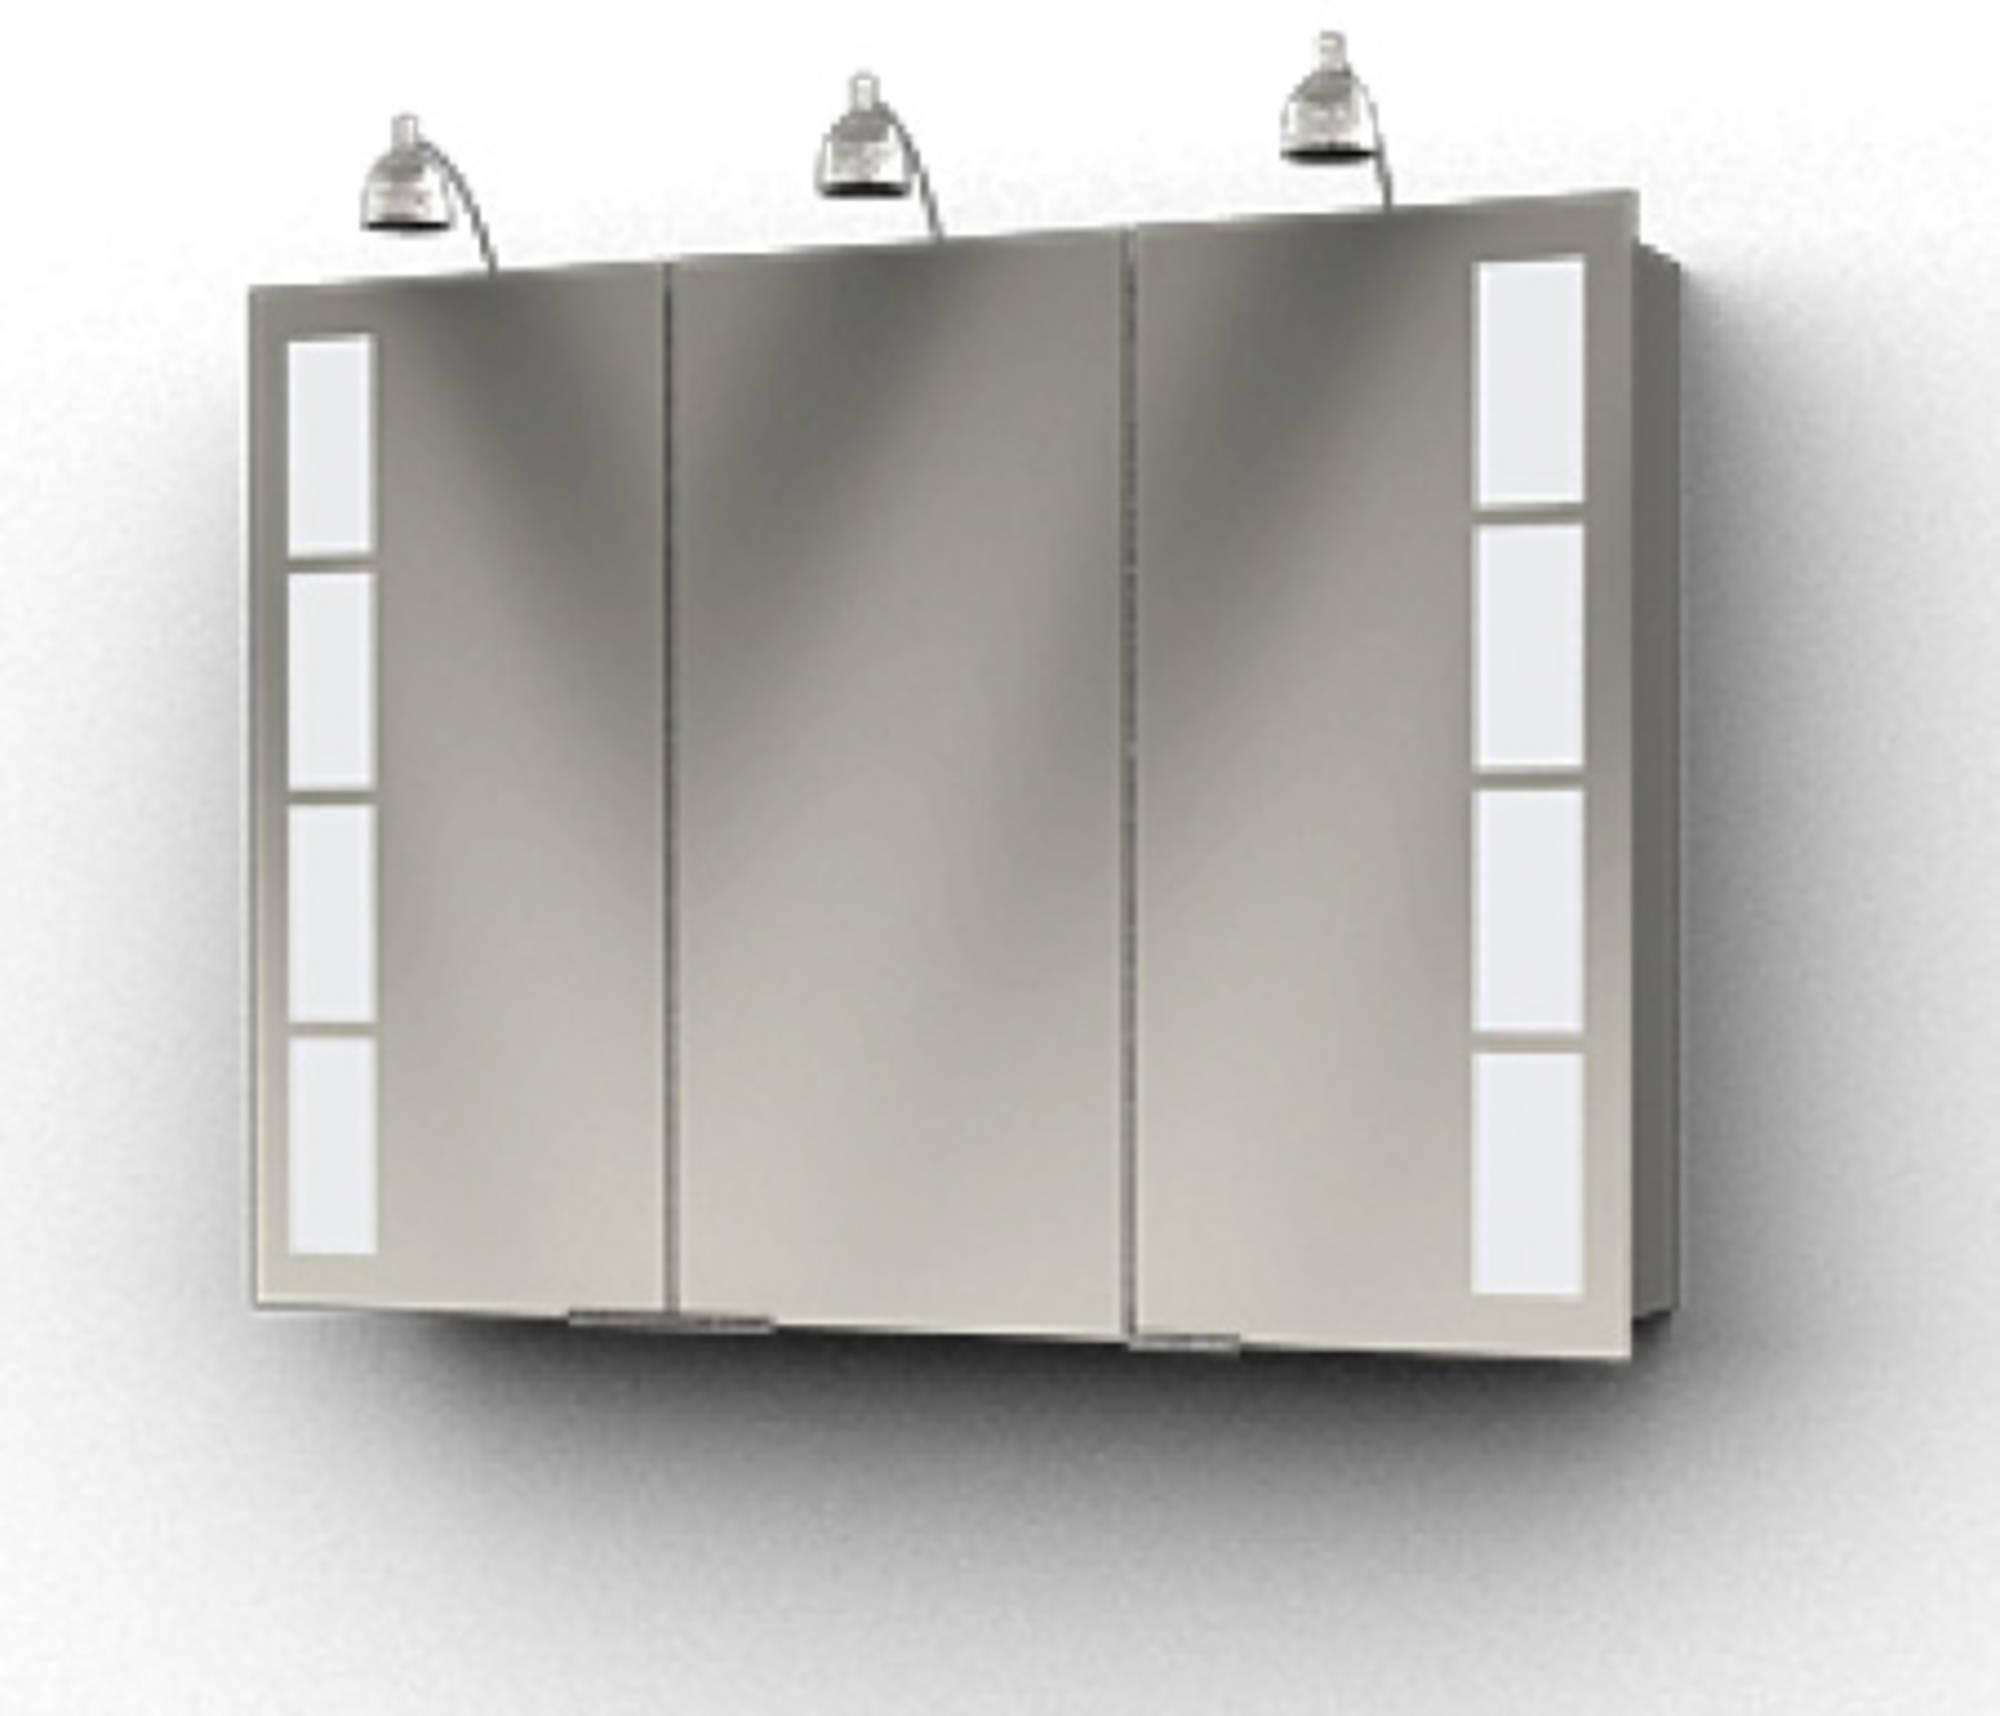 Ben Magno Spiegelkast Aluminium 105cm met 3 spotjes